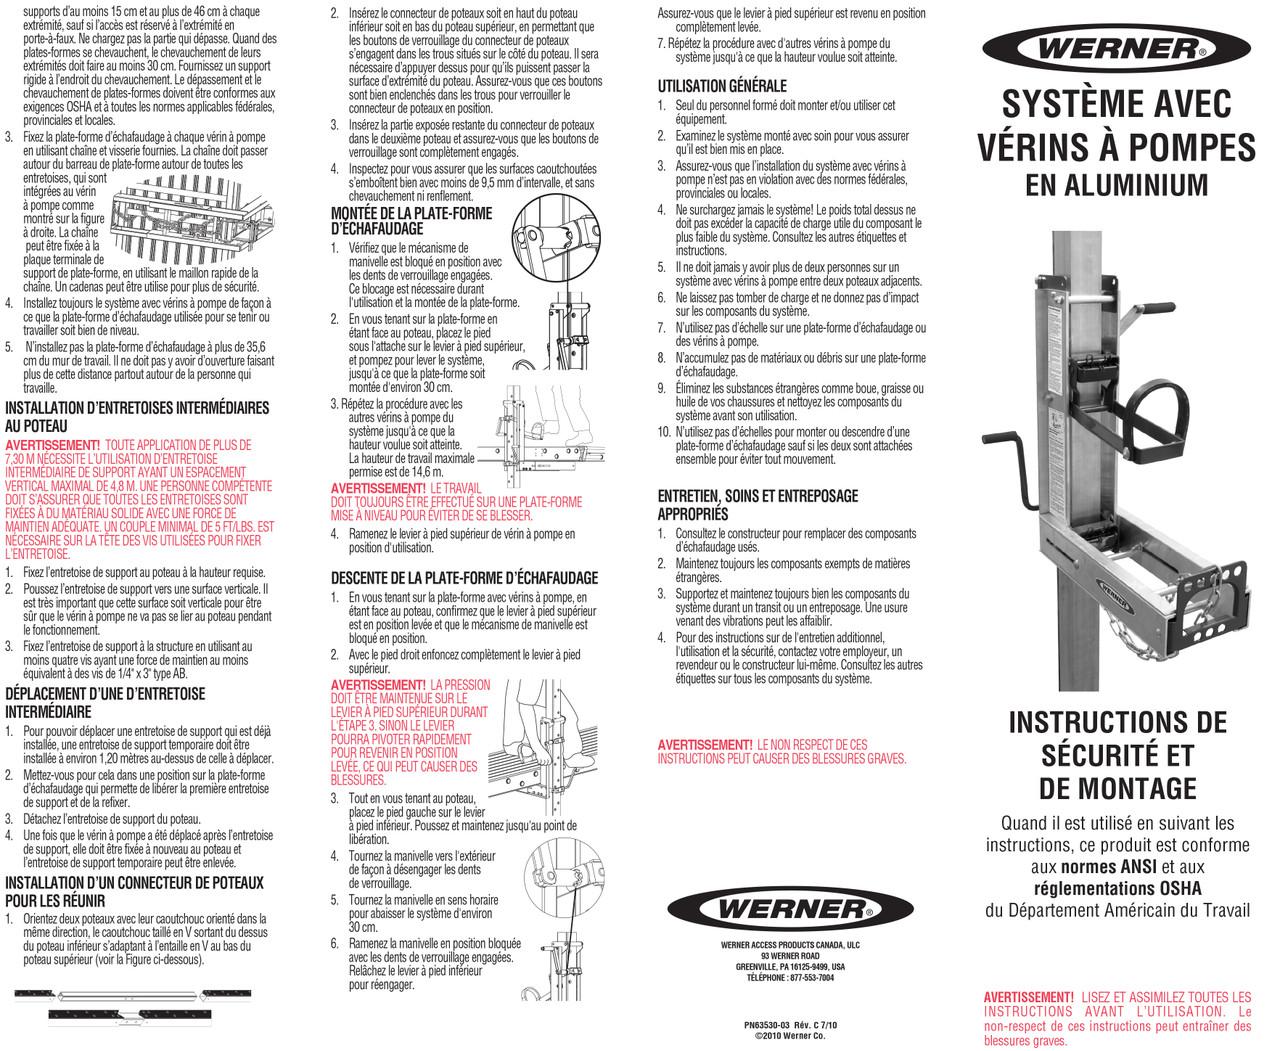 """Werner """"French"""" Pump Jack Information"""